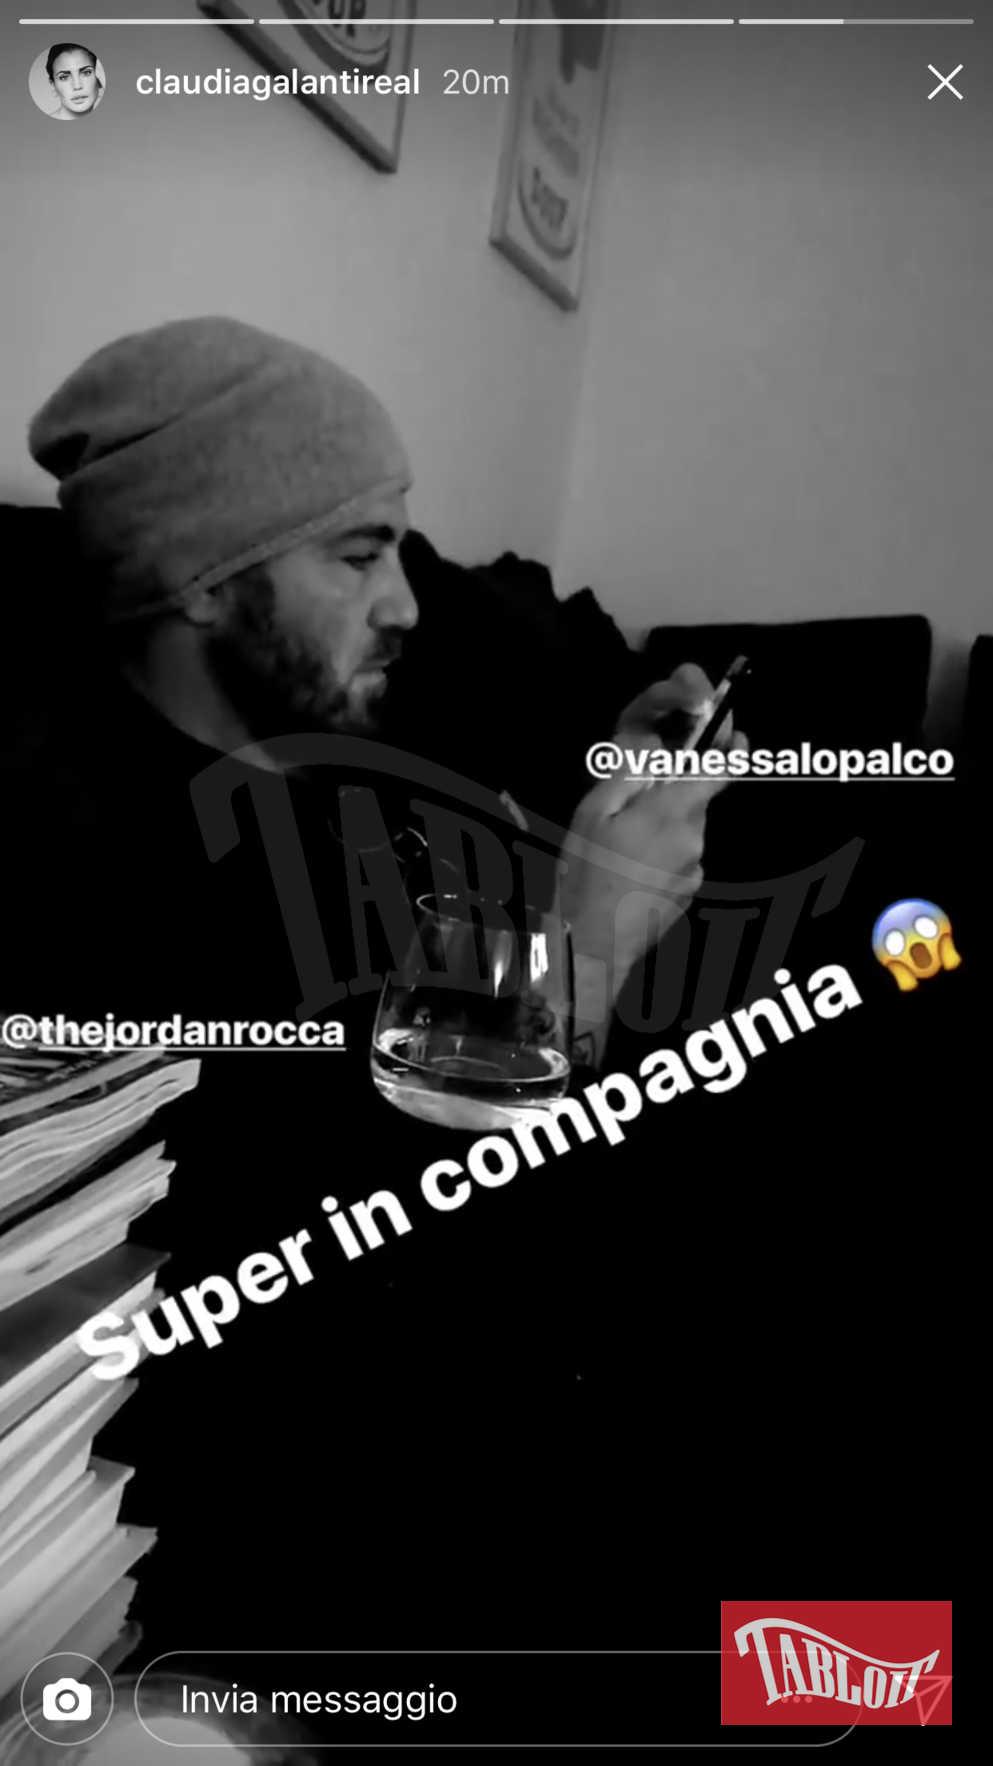 La storia di Instagram pubblicata da Claudia Galanti e che ufficializza la relazione con Jordan Rocca